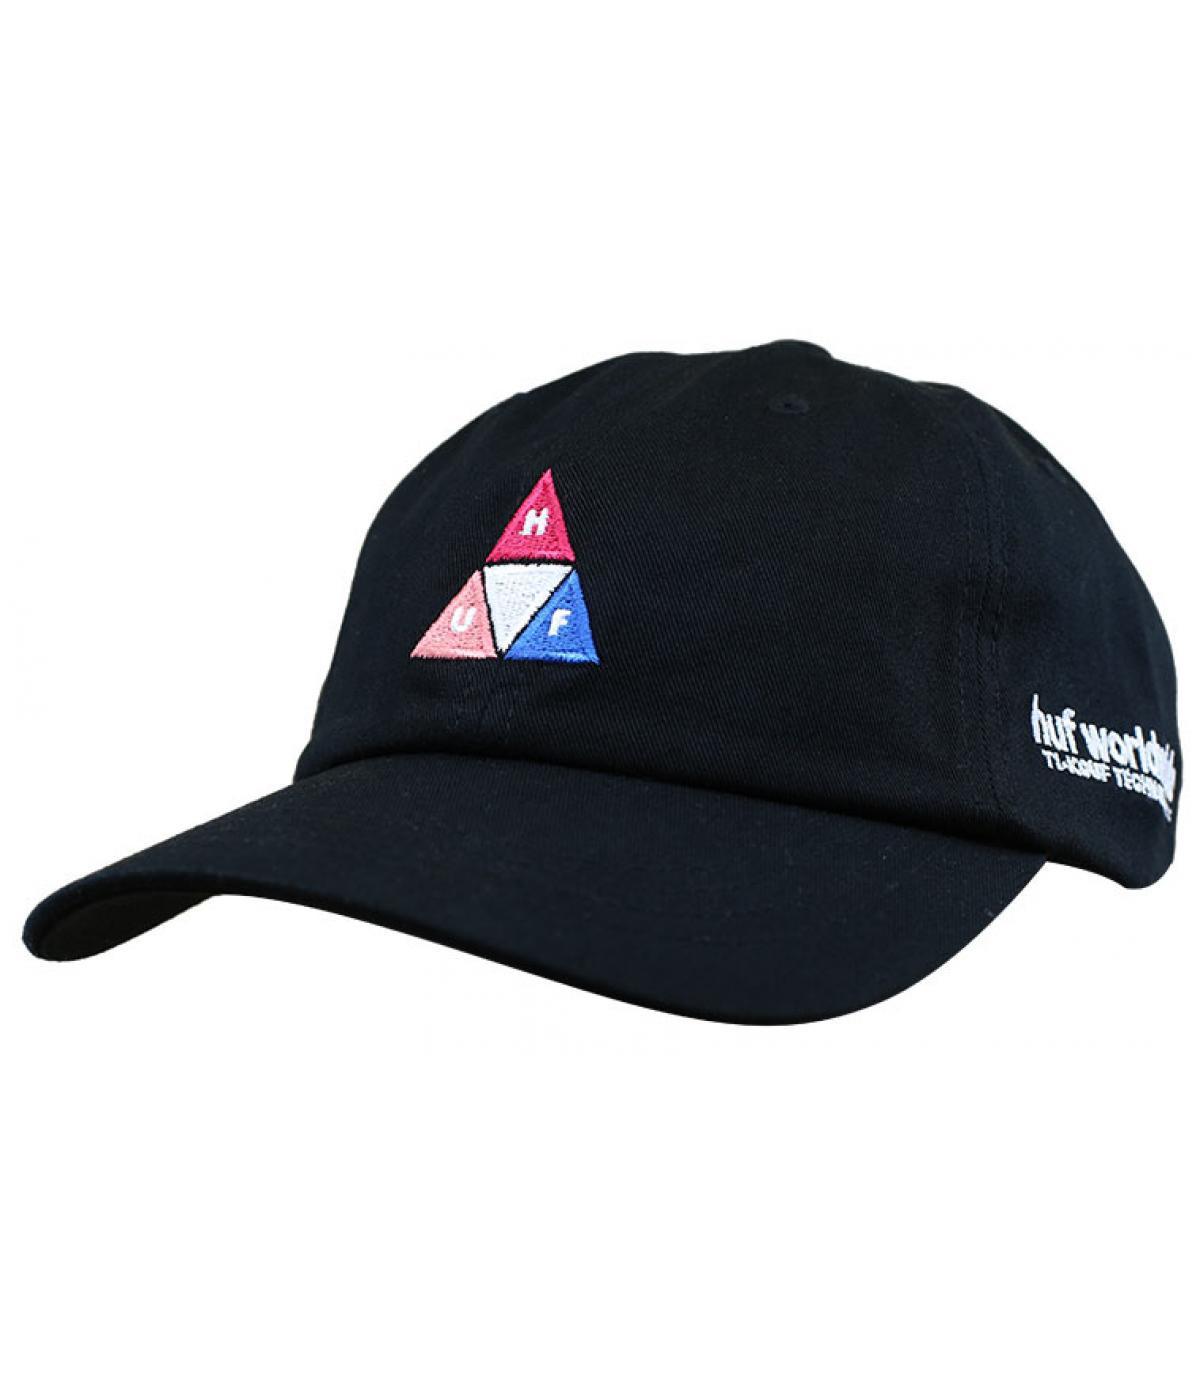 casquette Huf logo triangle noir